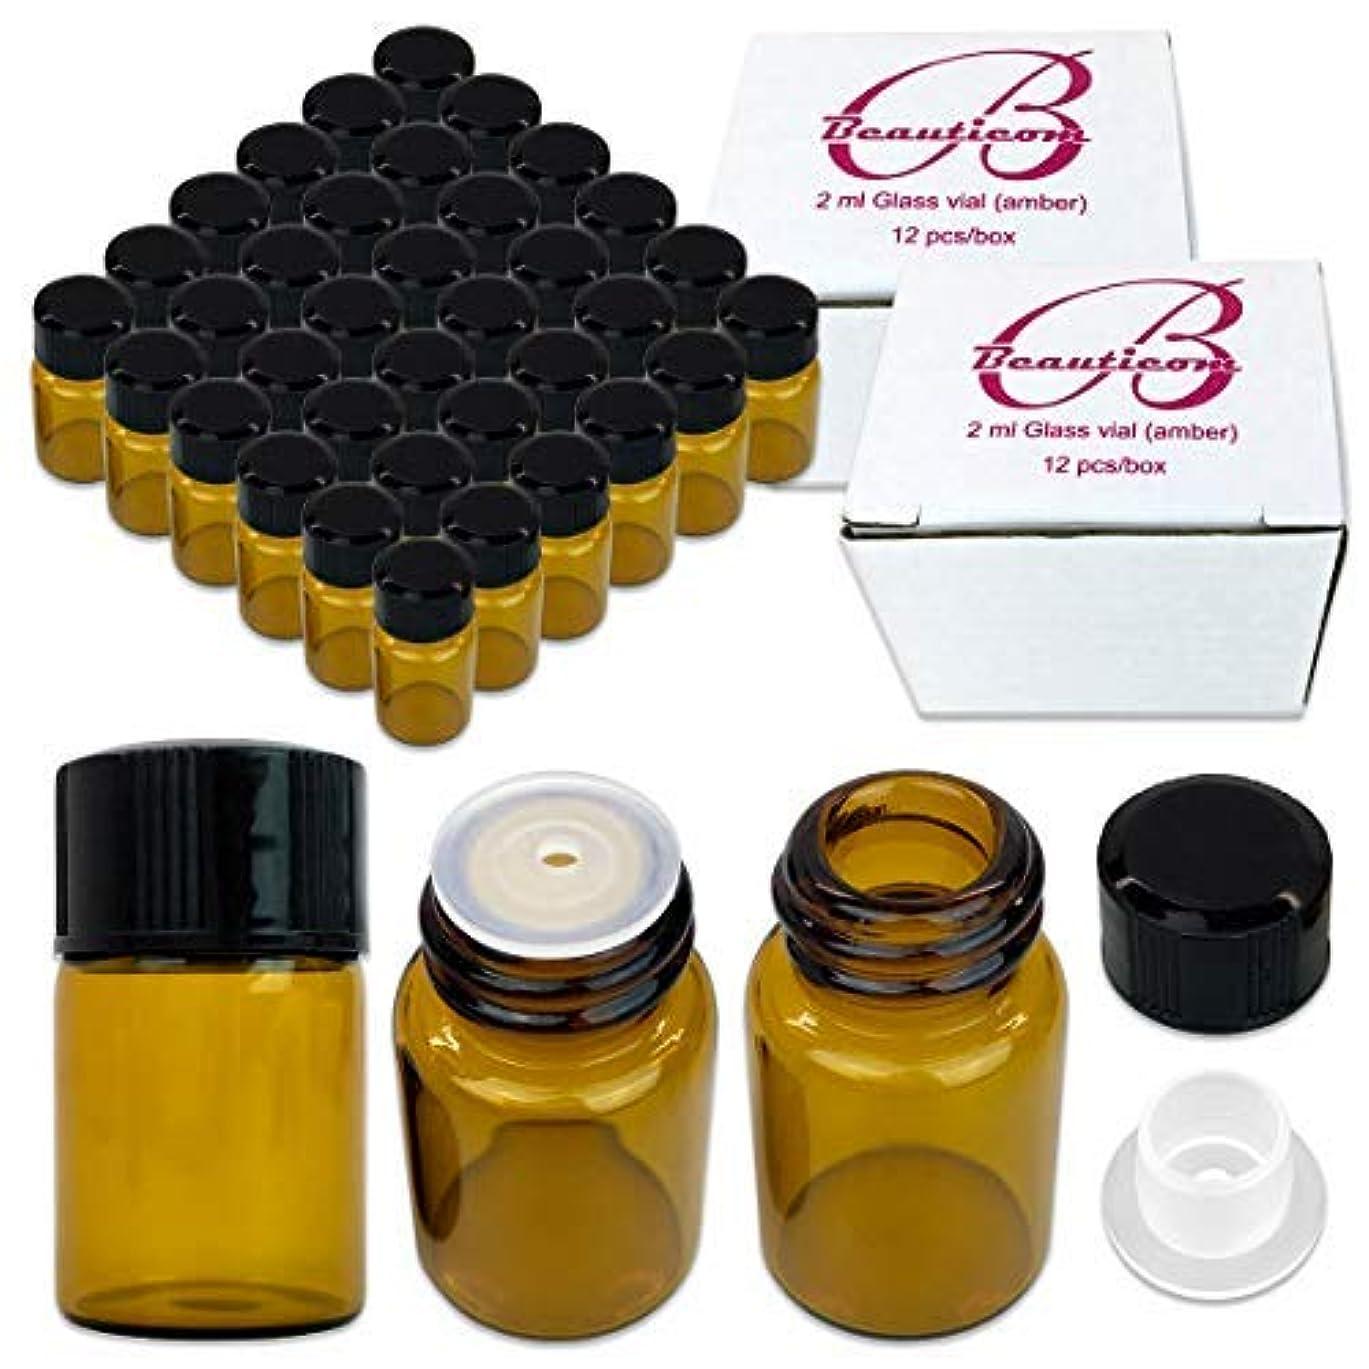 メイドアラスカ午後72 Packs Beauticom 2ML Amber Glass Vial for Essential Oils, Aromatherapy, Fragrance, Serums, Spritzes, with Orifice...